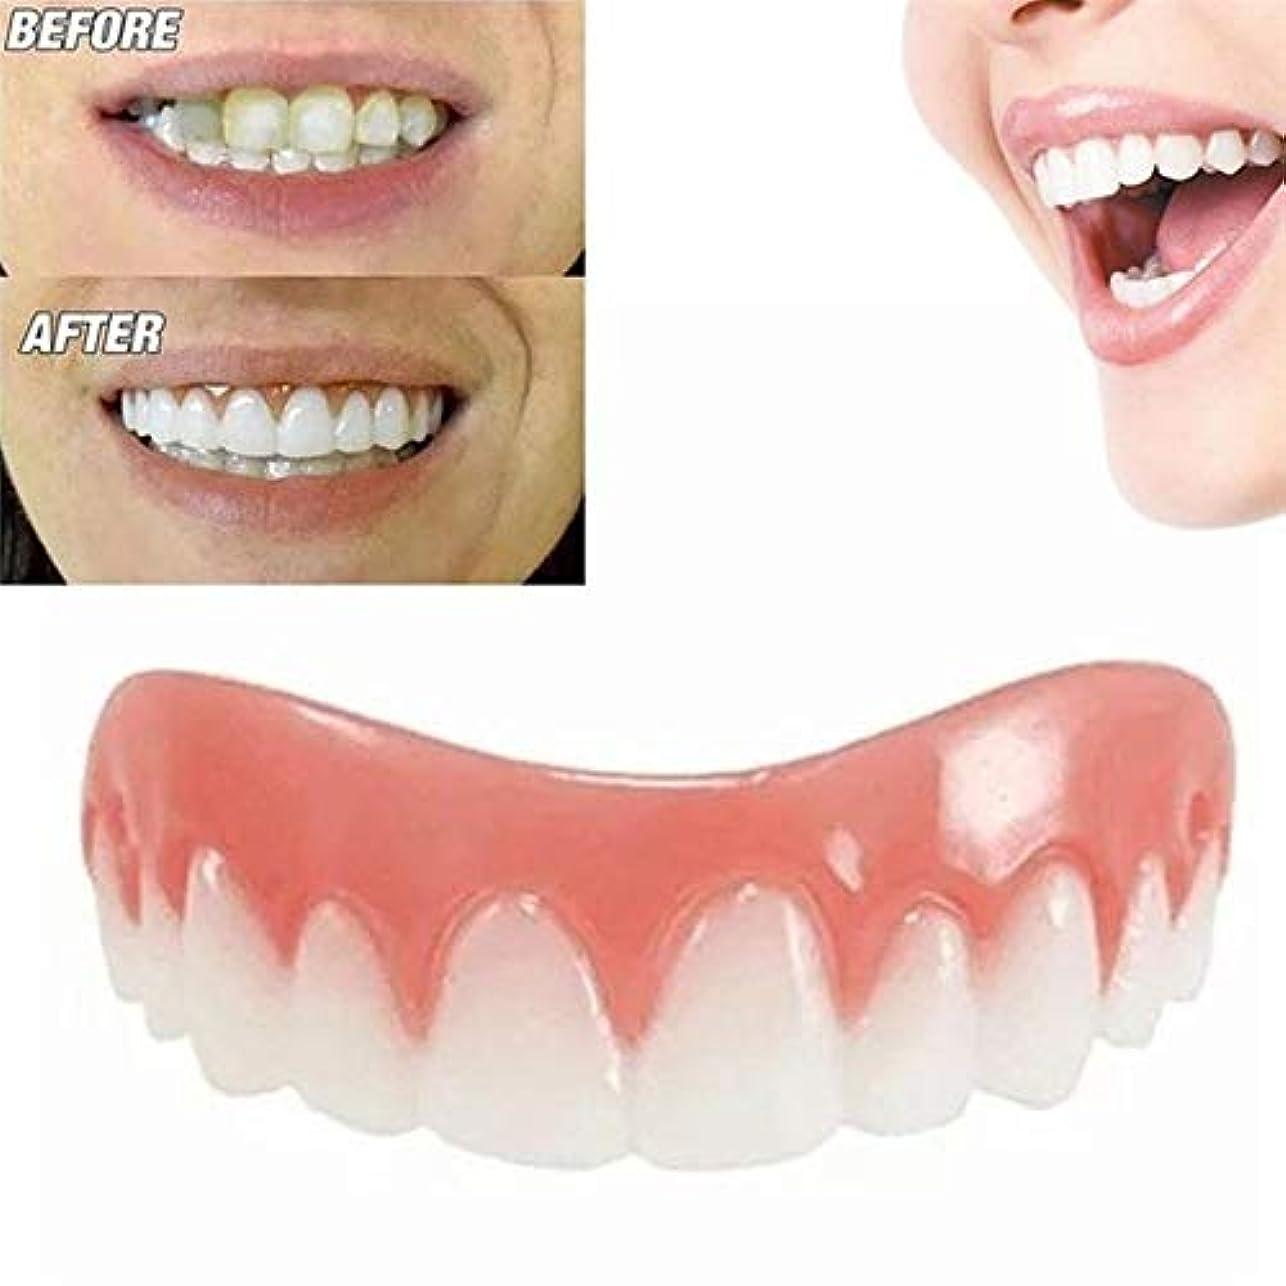 病んでいる落とし穴ベアリングサークル30個完璧な笑顔のベニヤ偽の歯アッパー偽の歯のカバー悪い歯のための歯のためのあなたに与えます完璧な笑顔のベニヤ - ワンサイズフィット